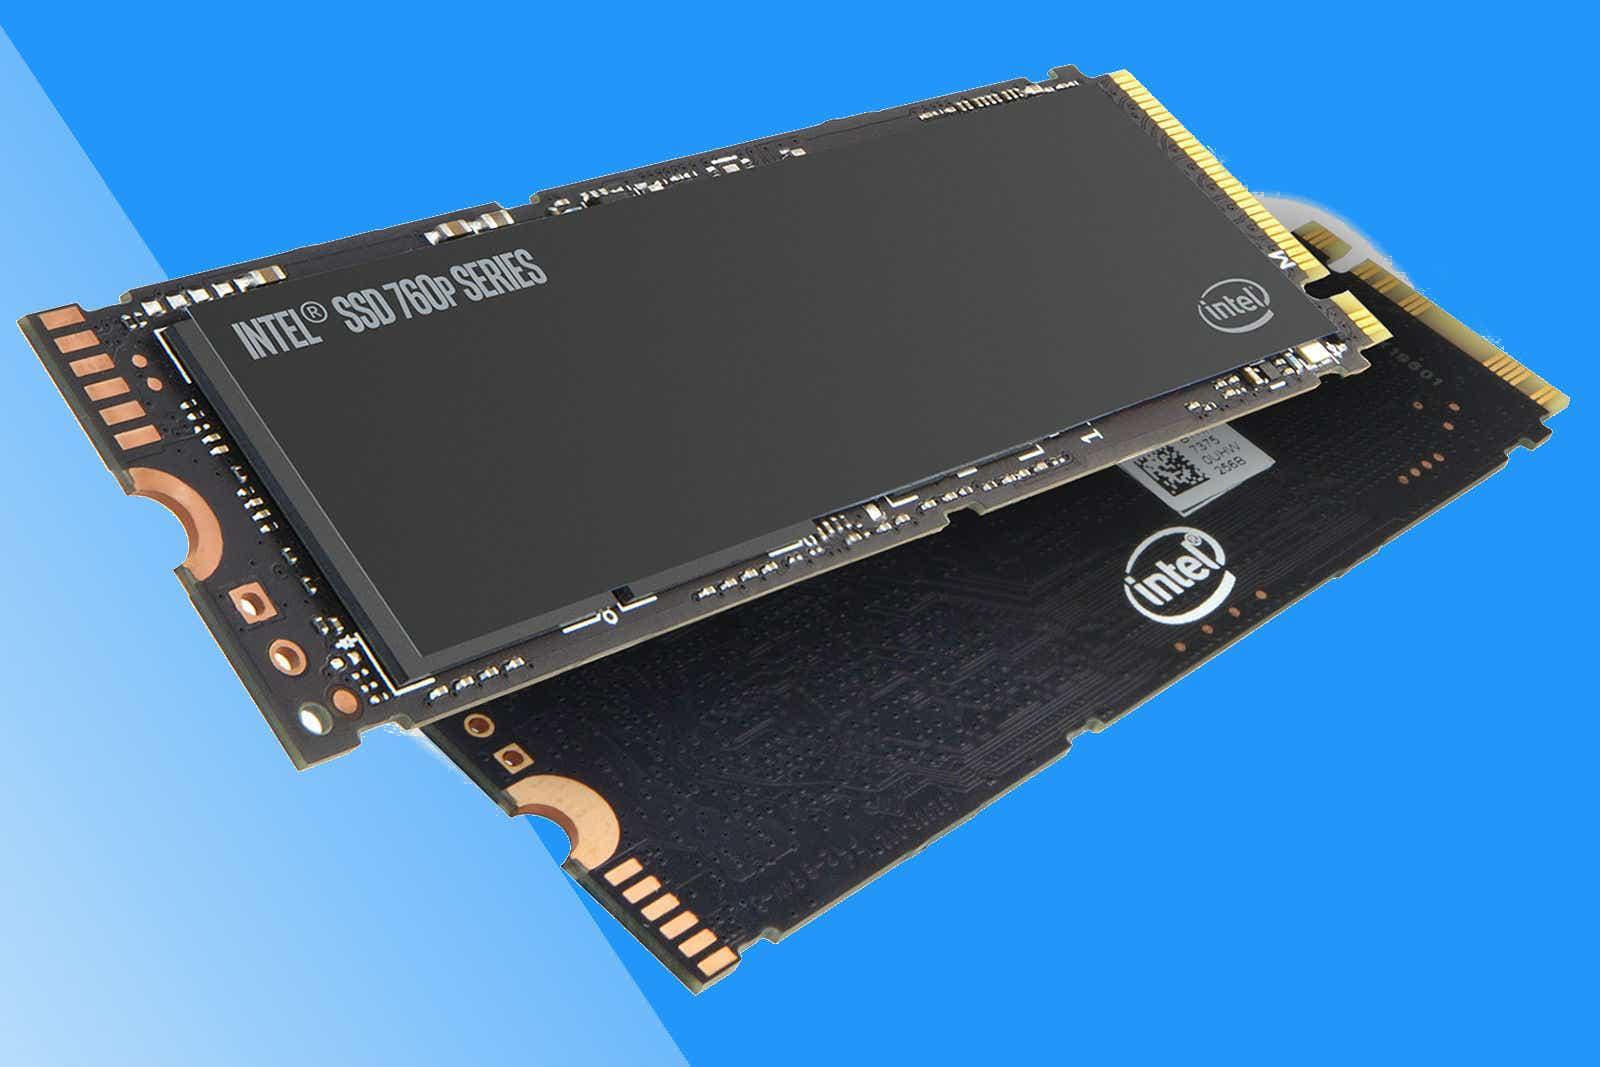 760p NVMe SSD